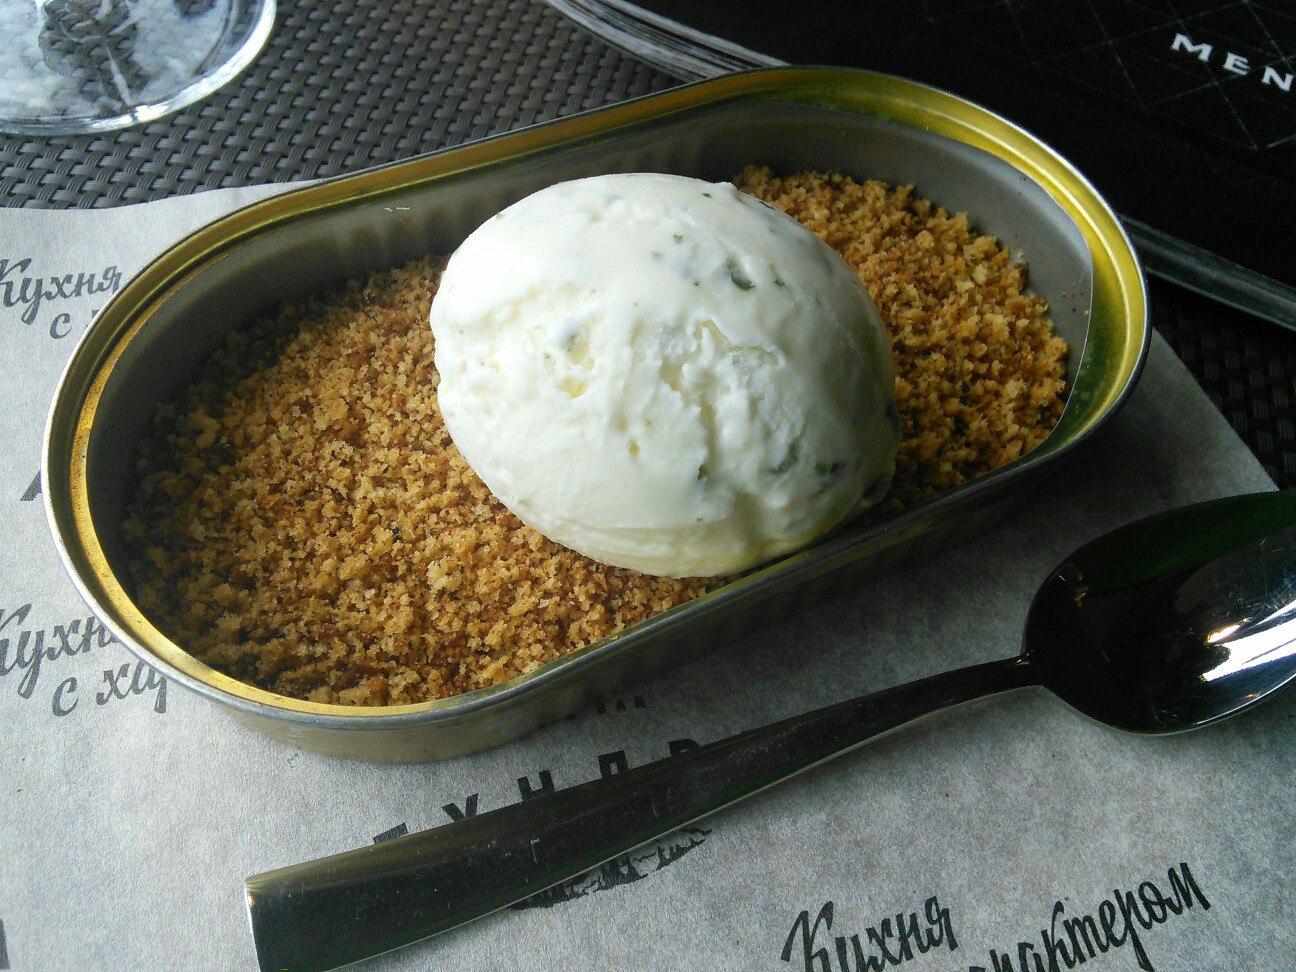 Мороженое с водорослями и подкопченной солью. Или, правильнее сказать, медовым бисквитом.